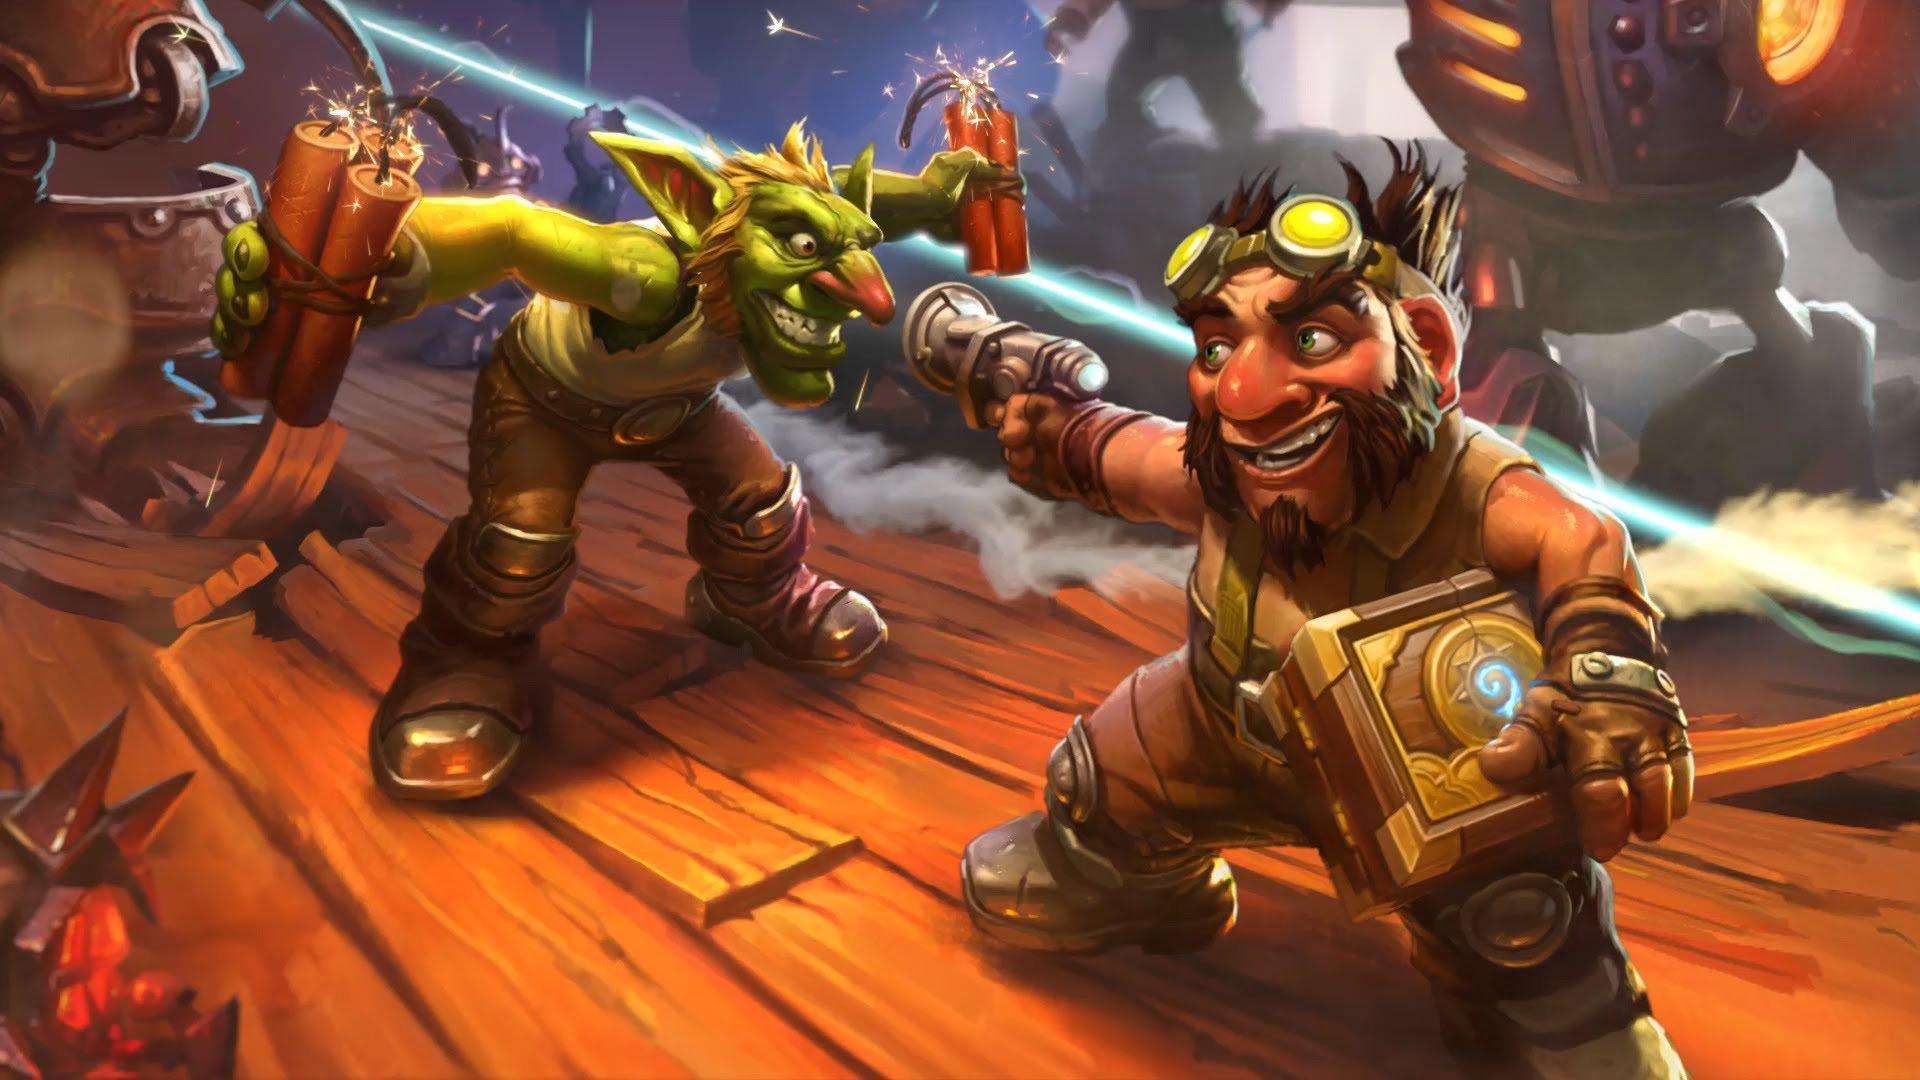 Gnome vs goblin xxx photo